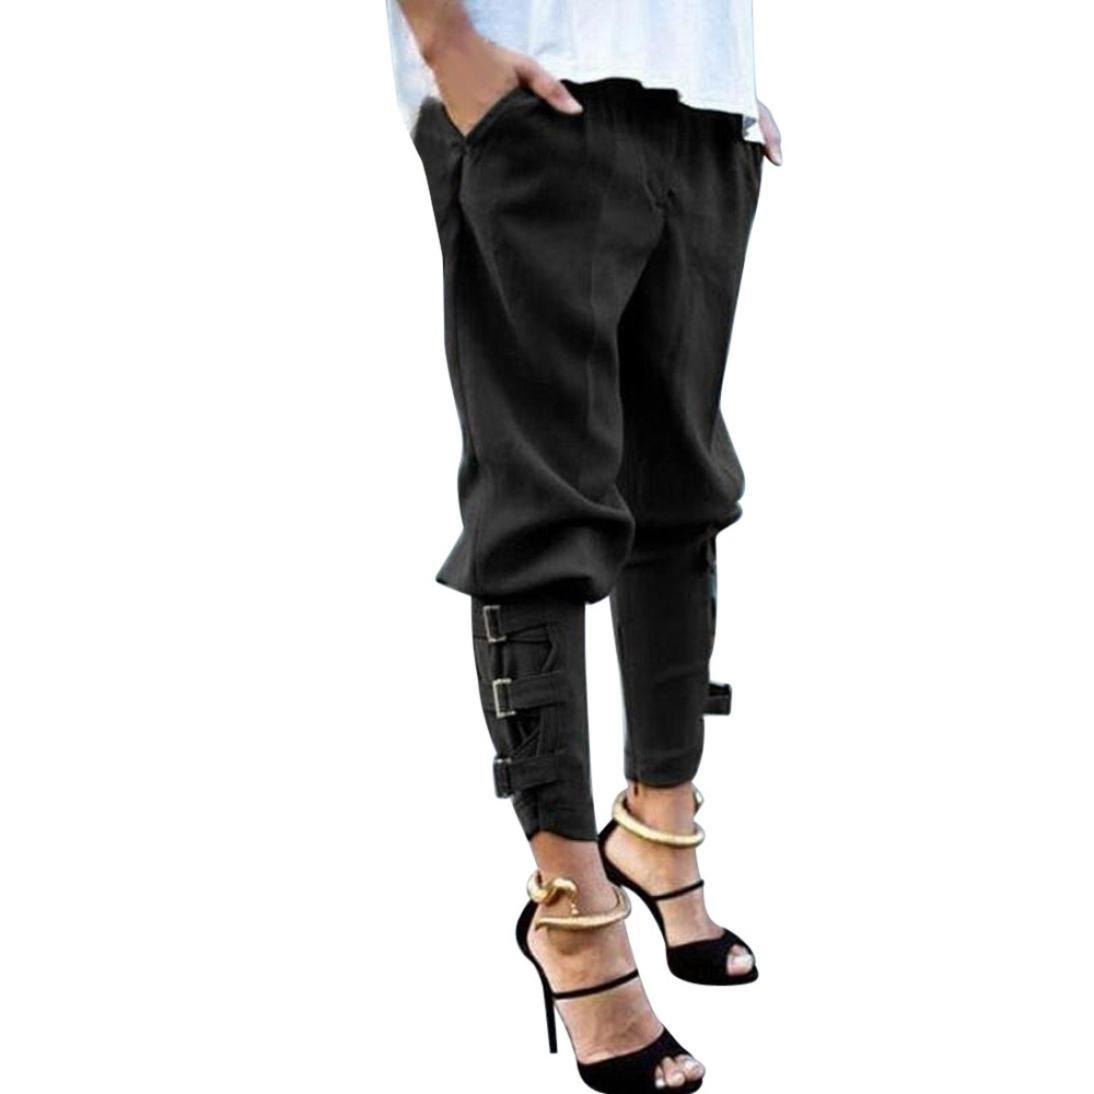 Womens Casual Harem Baggy Hip Hop Dance Jogging Sweat Pants Slacks Trousers (XL, Black)